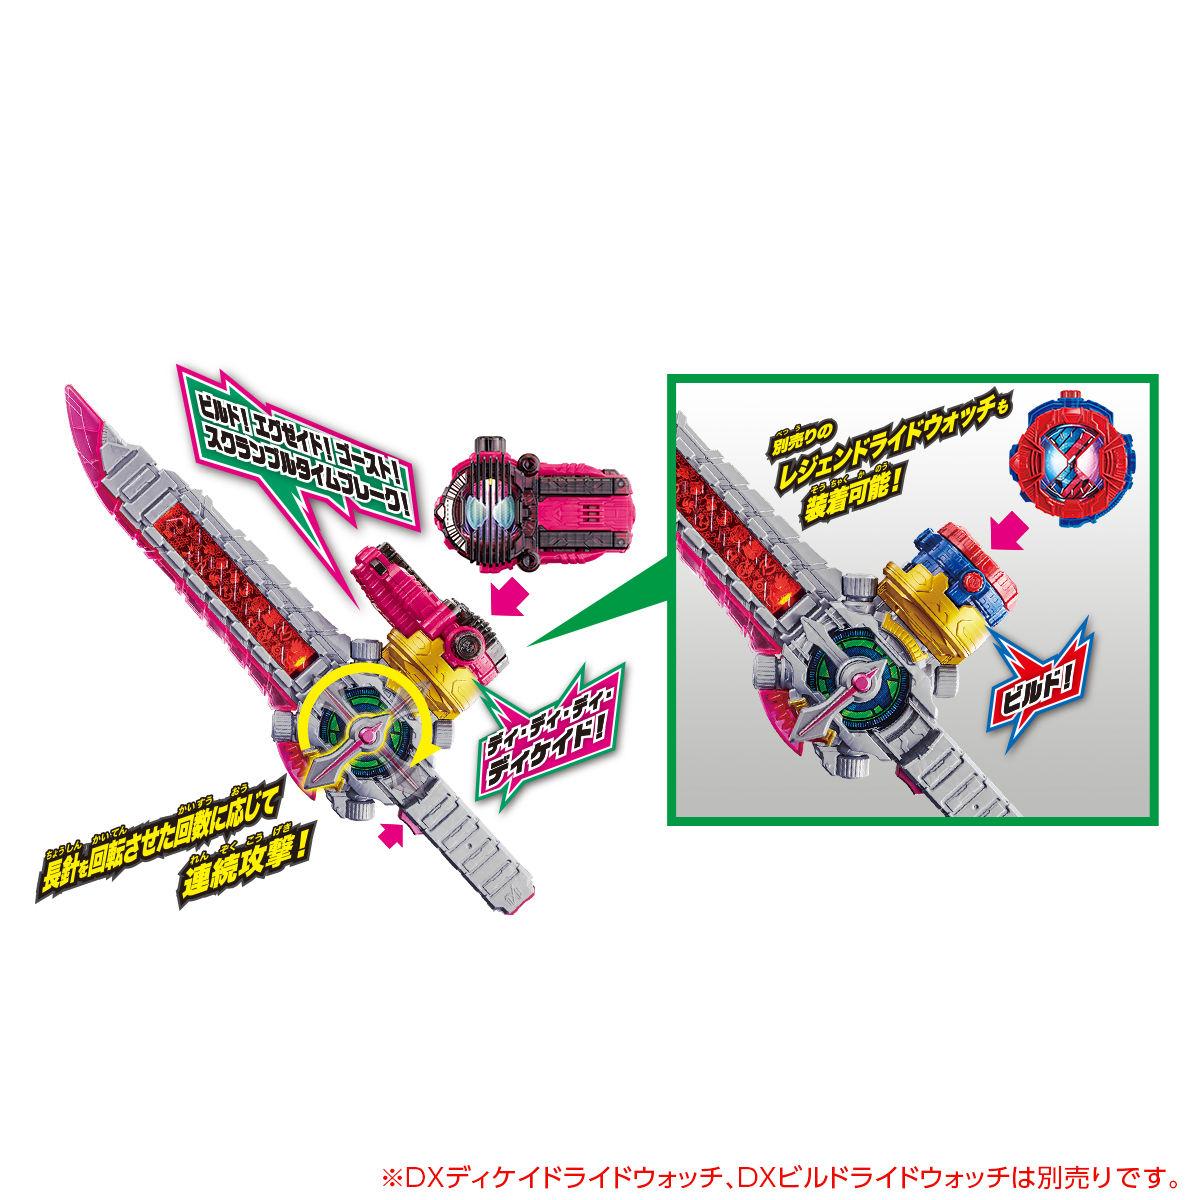 仮面ライダージオウ『超針回転剣 DXライドヘイセイバー』変身なりきり-006